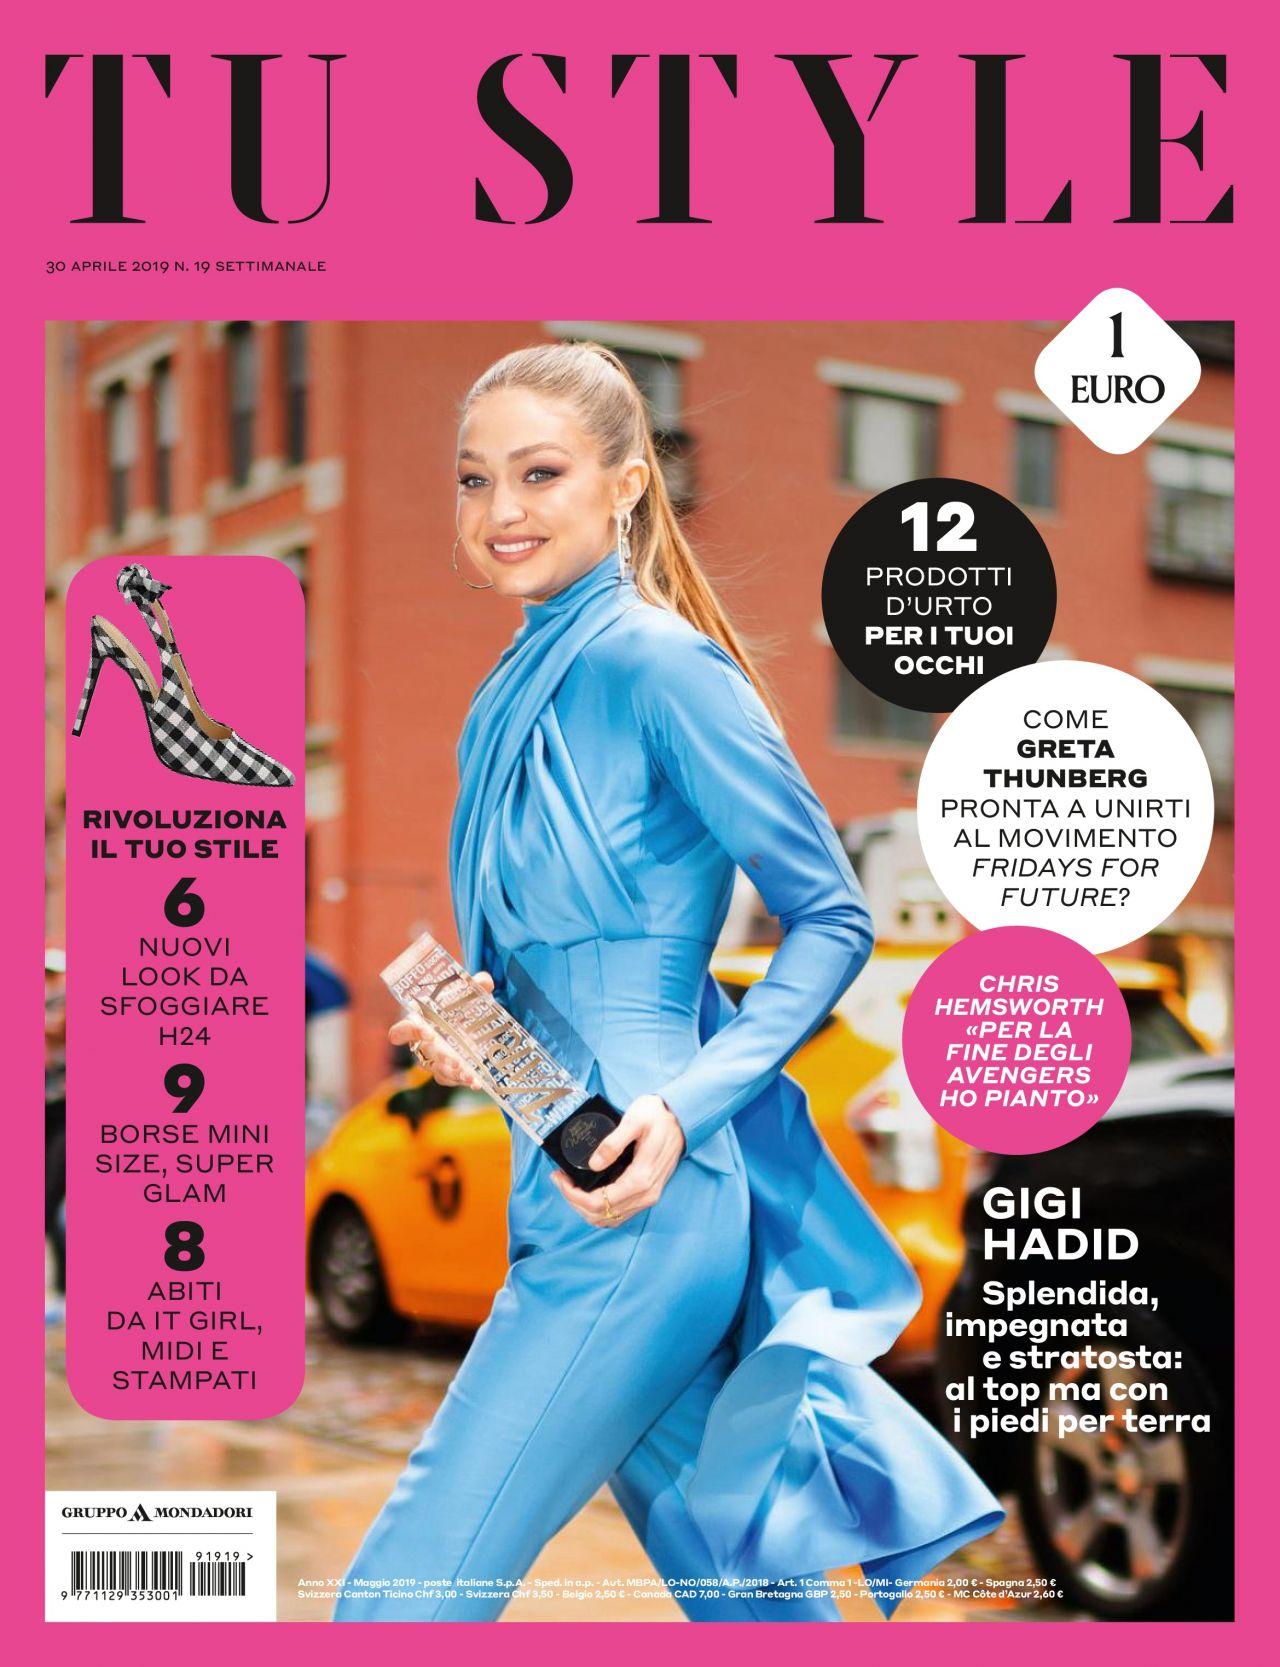 Tustyle Magazine November 2015 Issue: Tu Style Magazine April 2019 Issue